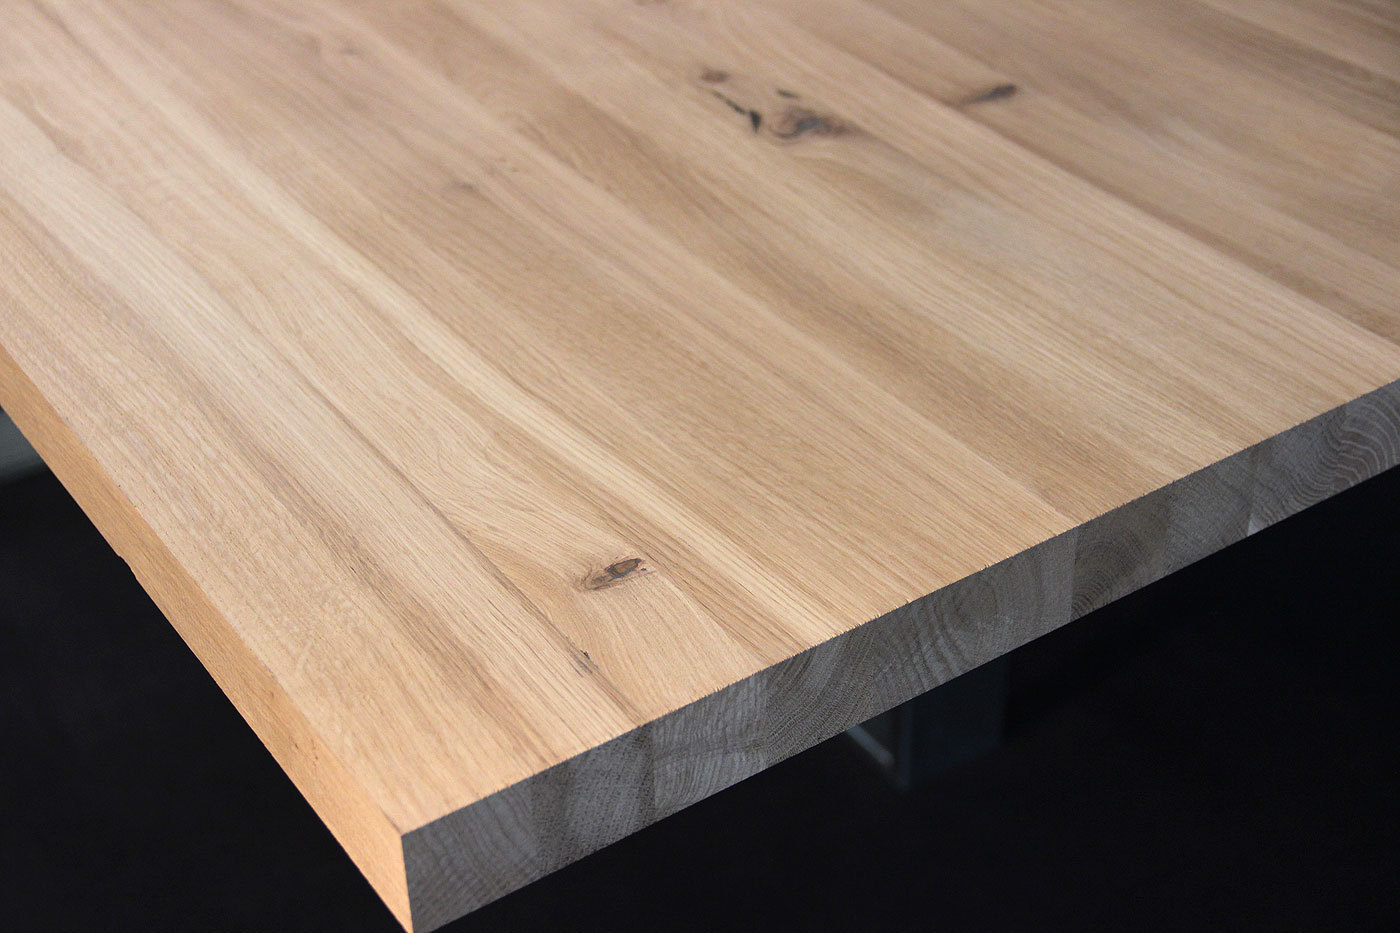 Küchenarbeitsplatte Massivholz Wildeiche / Asteiche DL 40 x ...